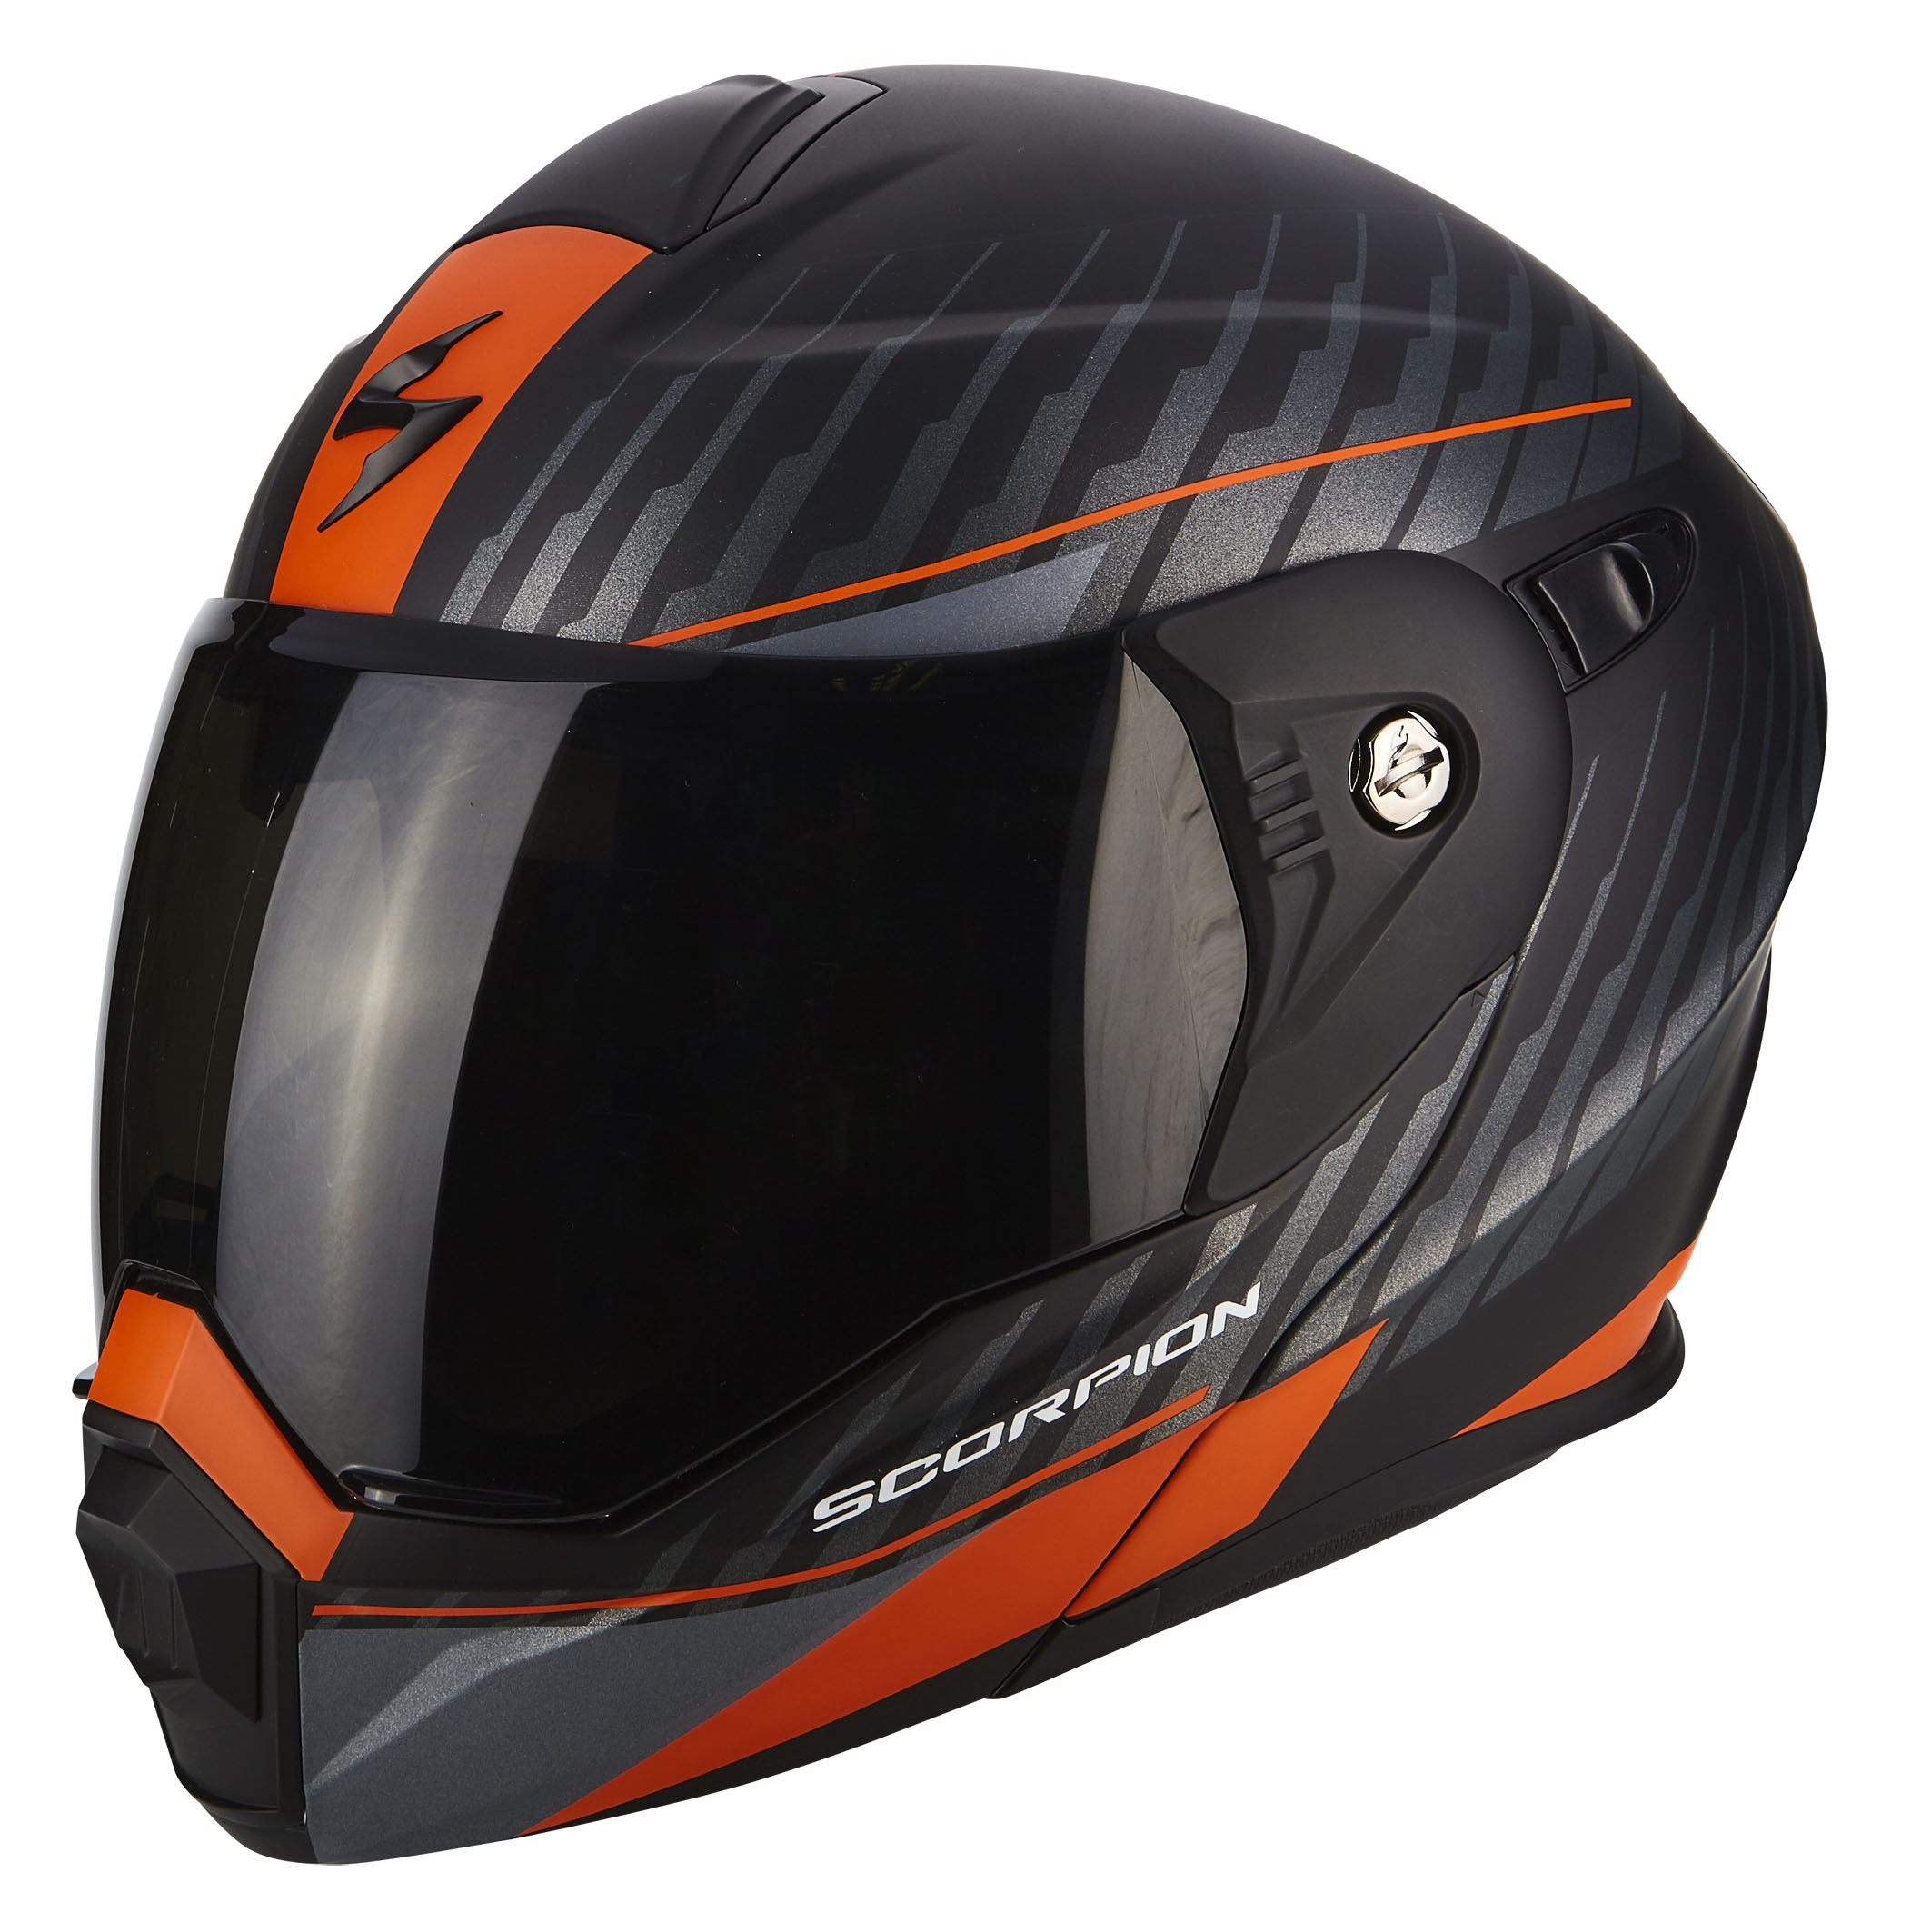 ADX-1 DUAL Matt Black-Silver Orange - 5